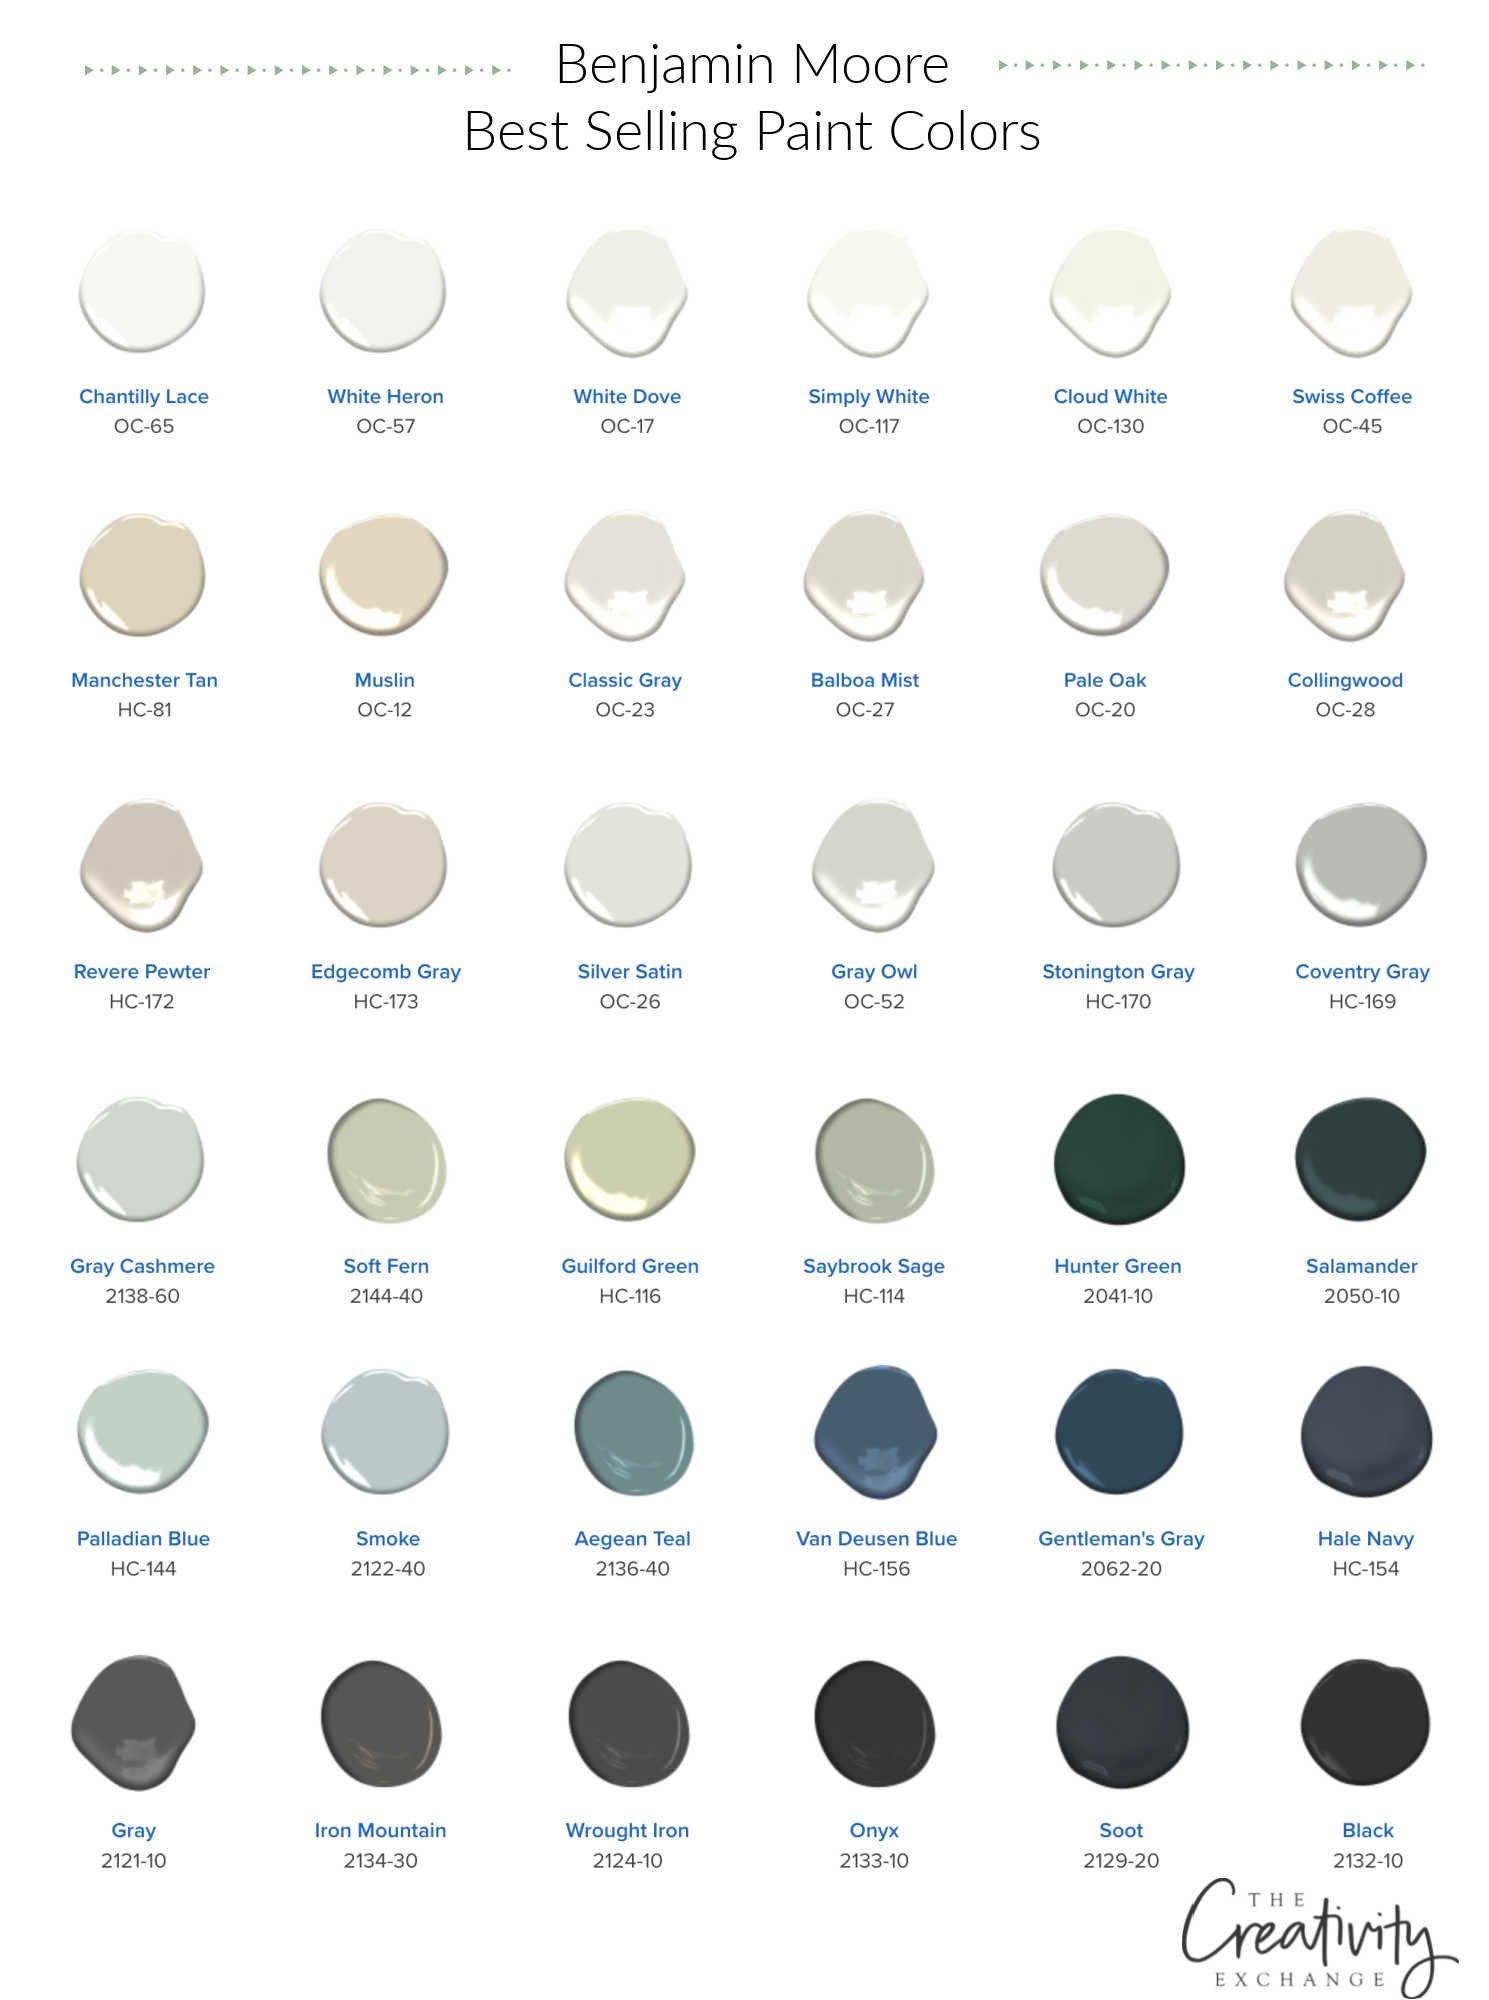 Benjamin Moore Best Selling Paint Colors